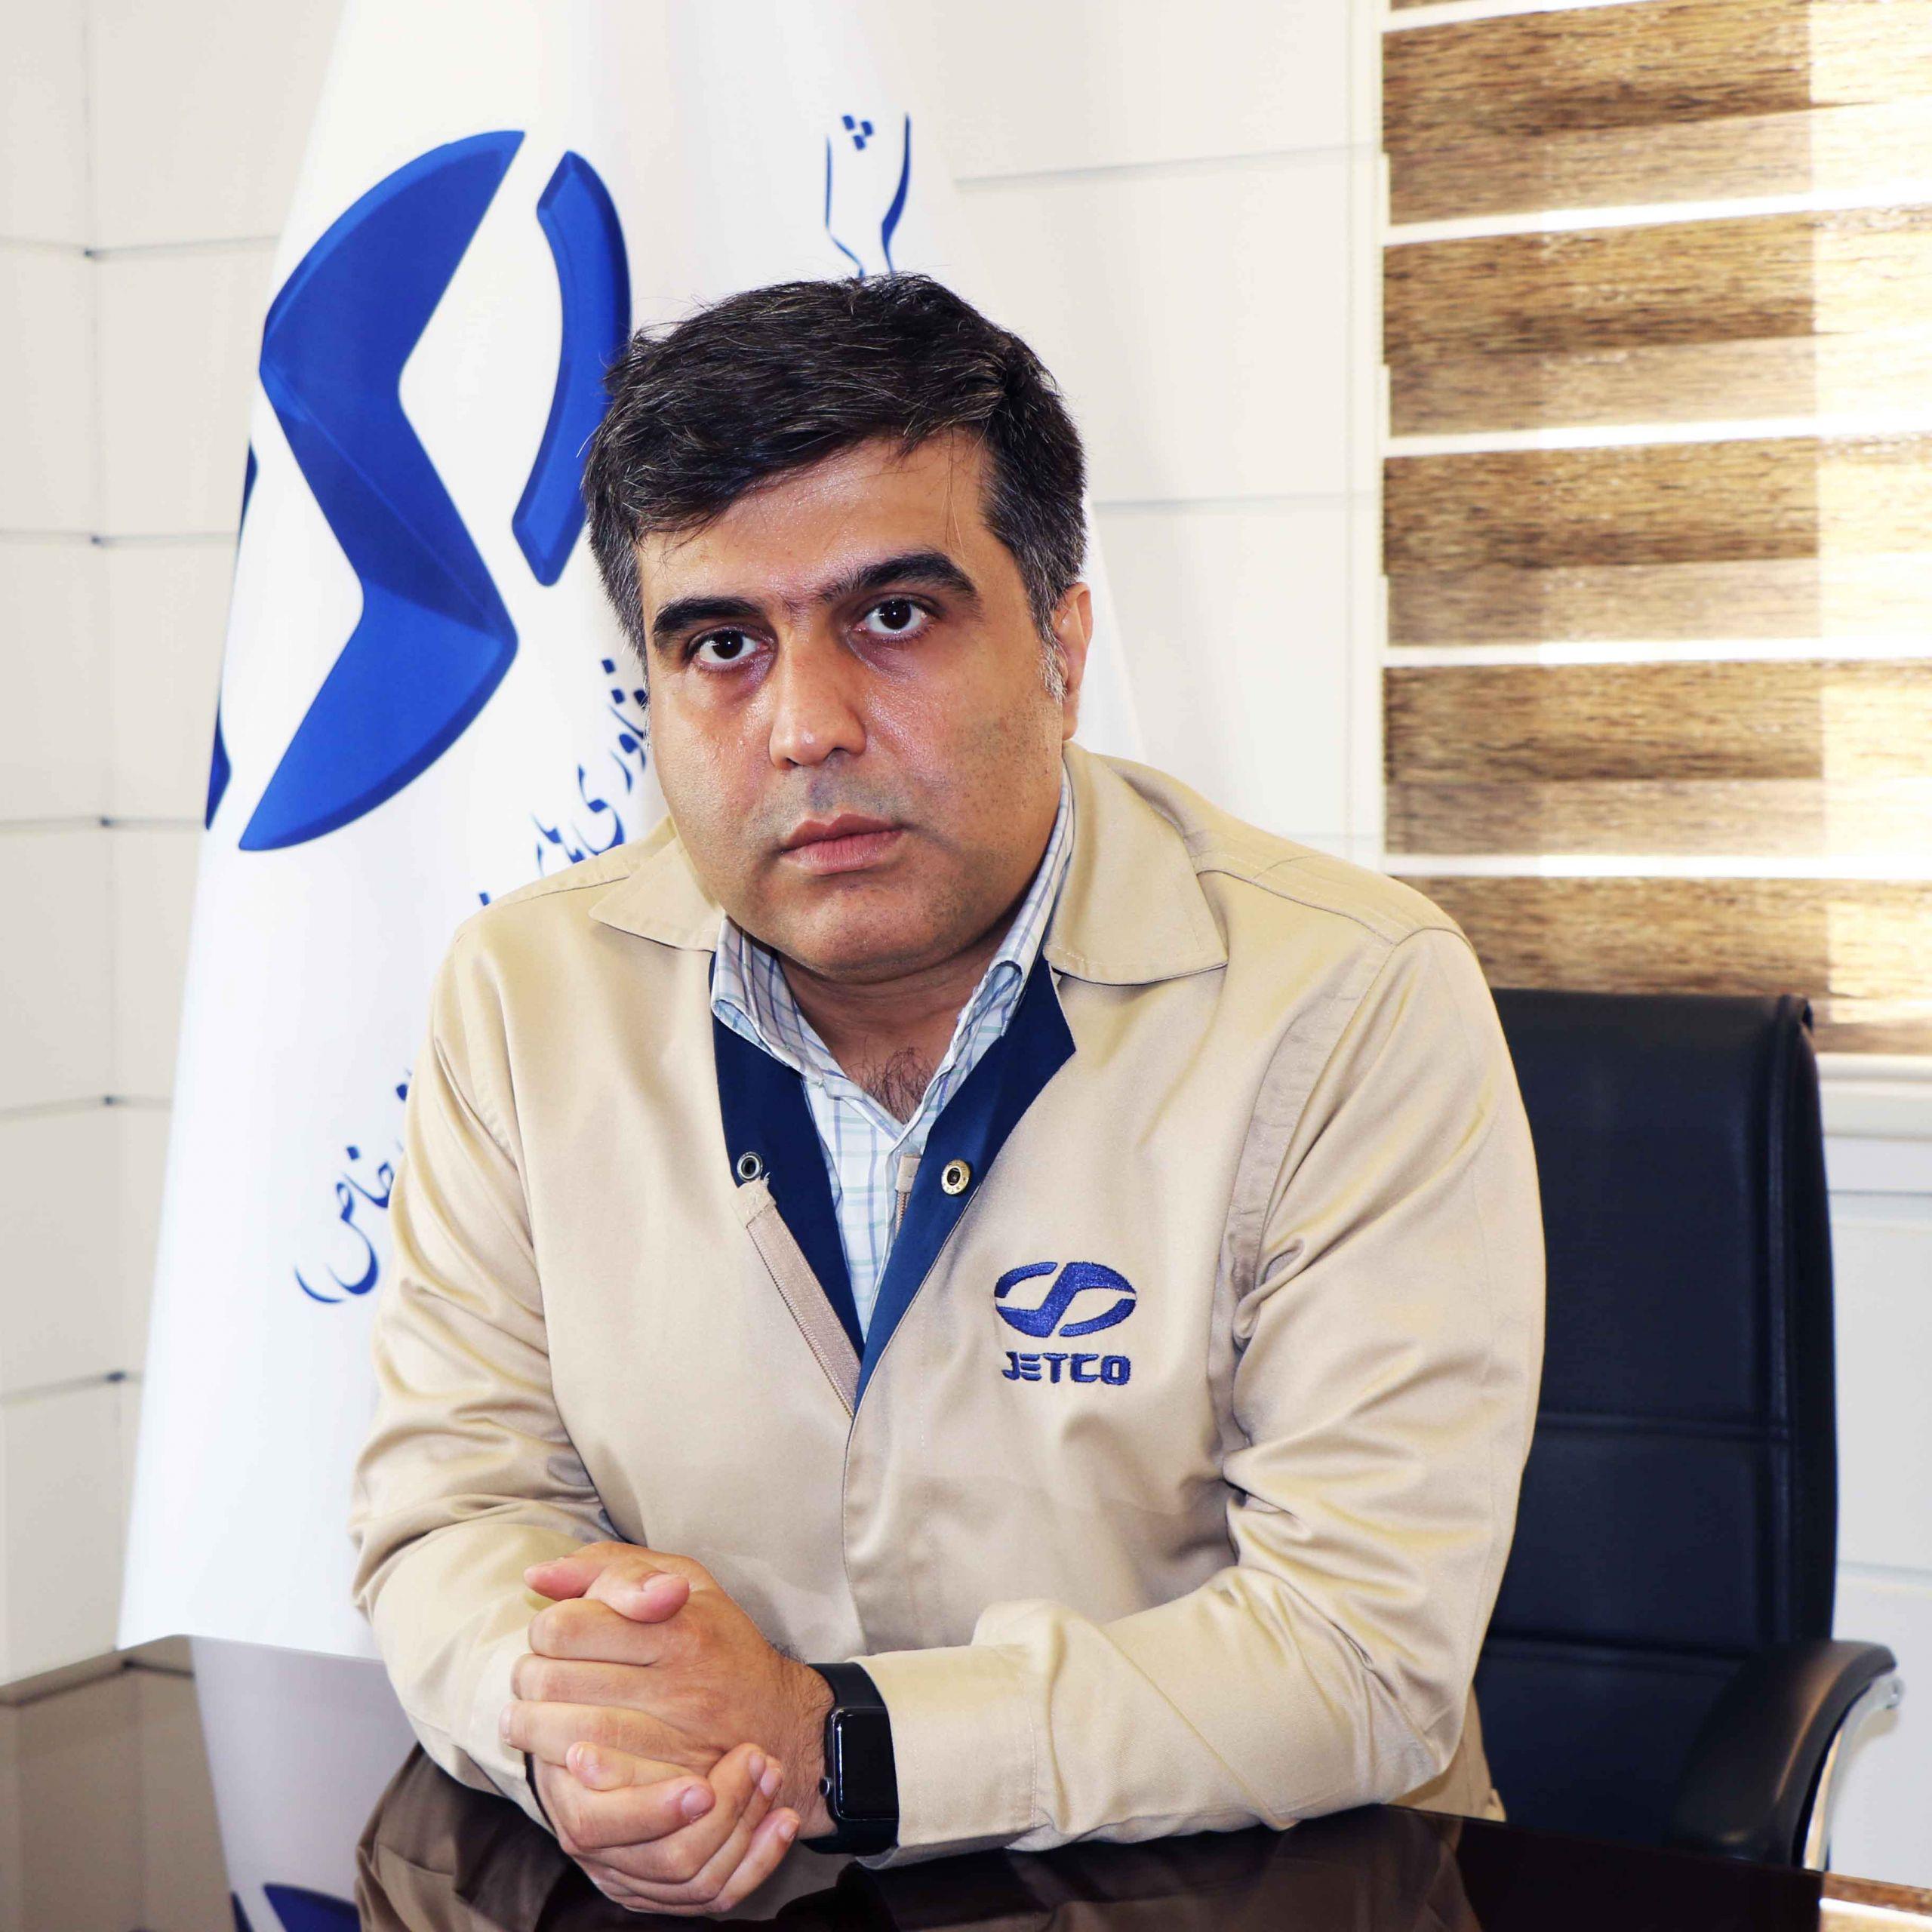 دکتر عبداله توکلی لاهیجانی